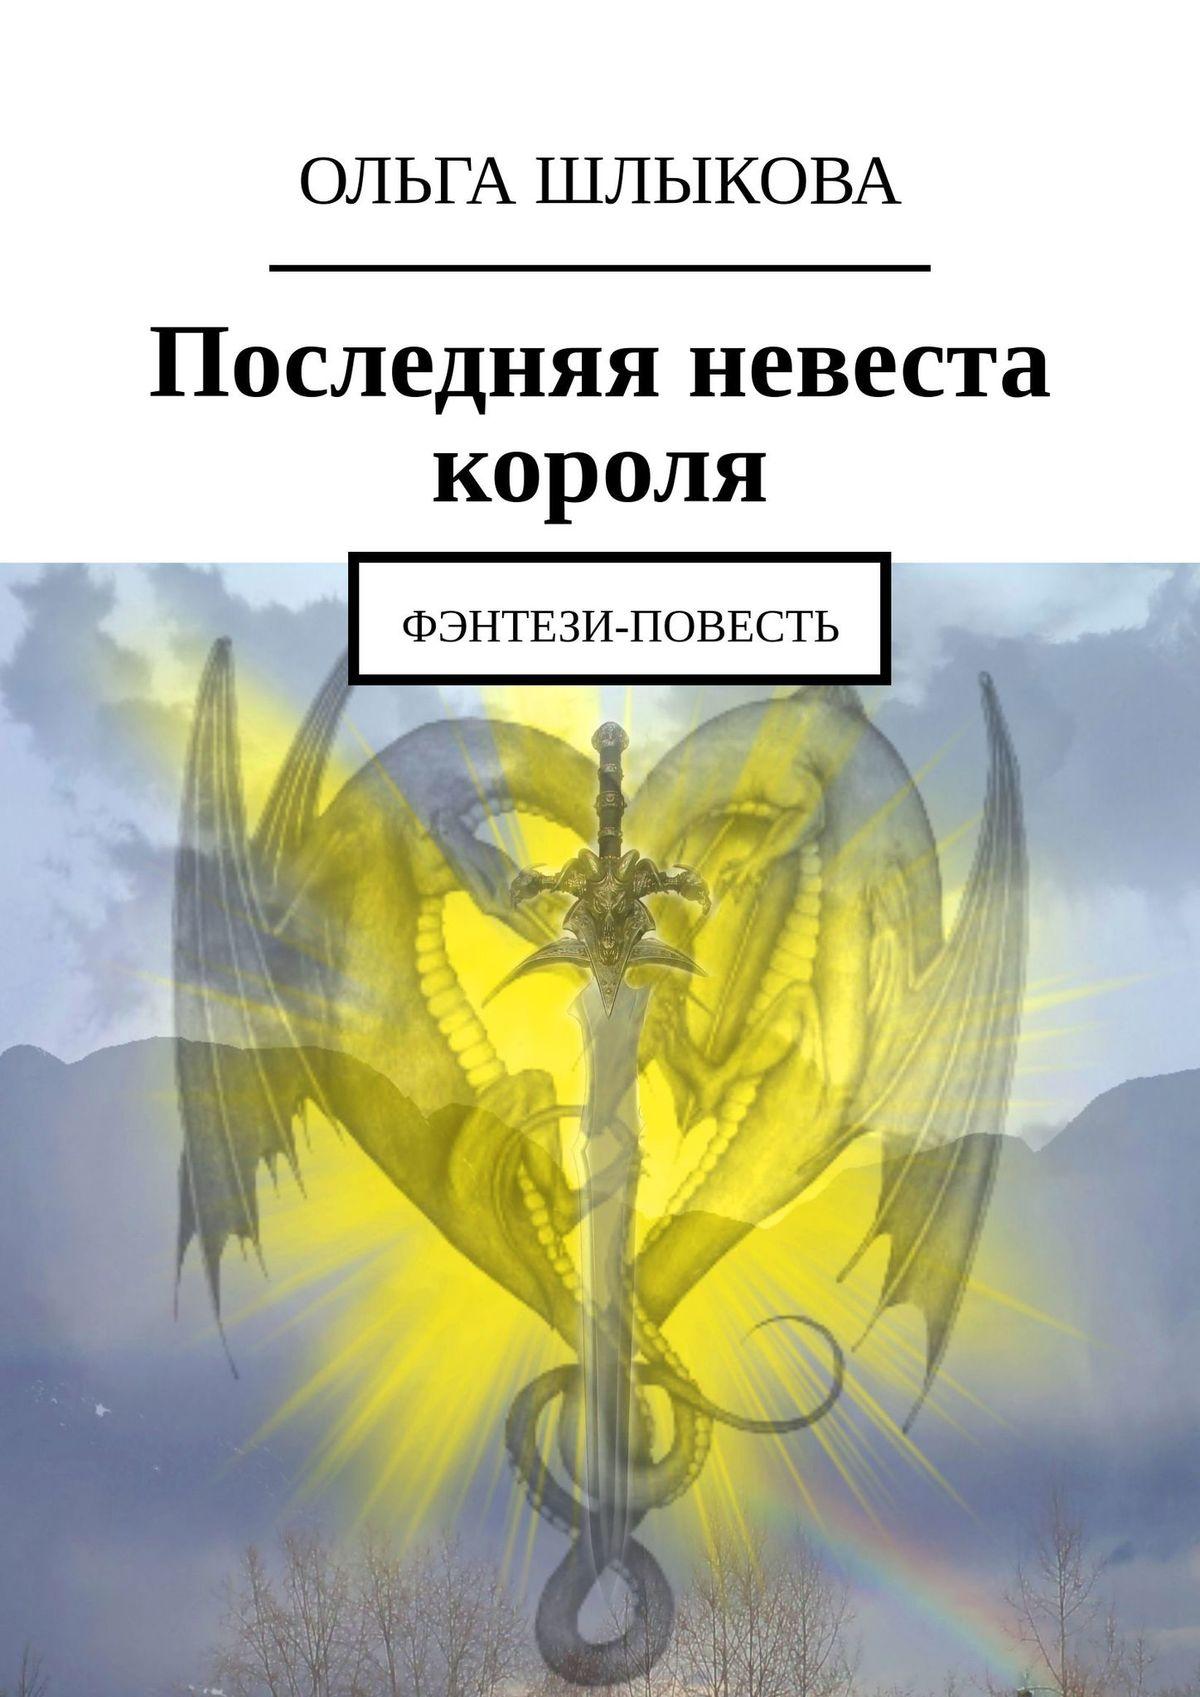 Ольга Шлыкова Последняя невеста короля. Фэнтези-повесть